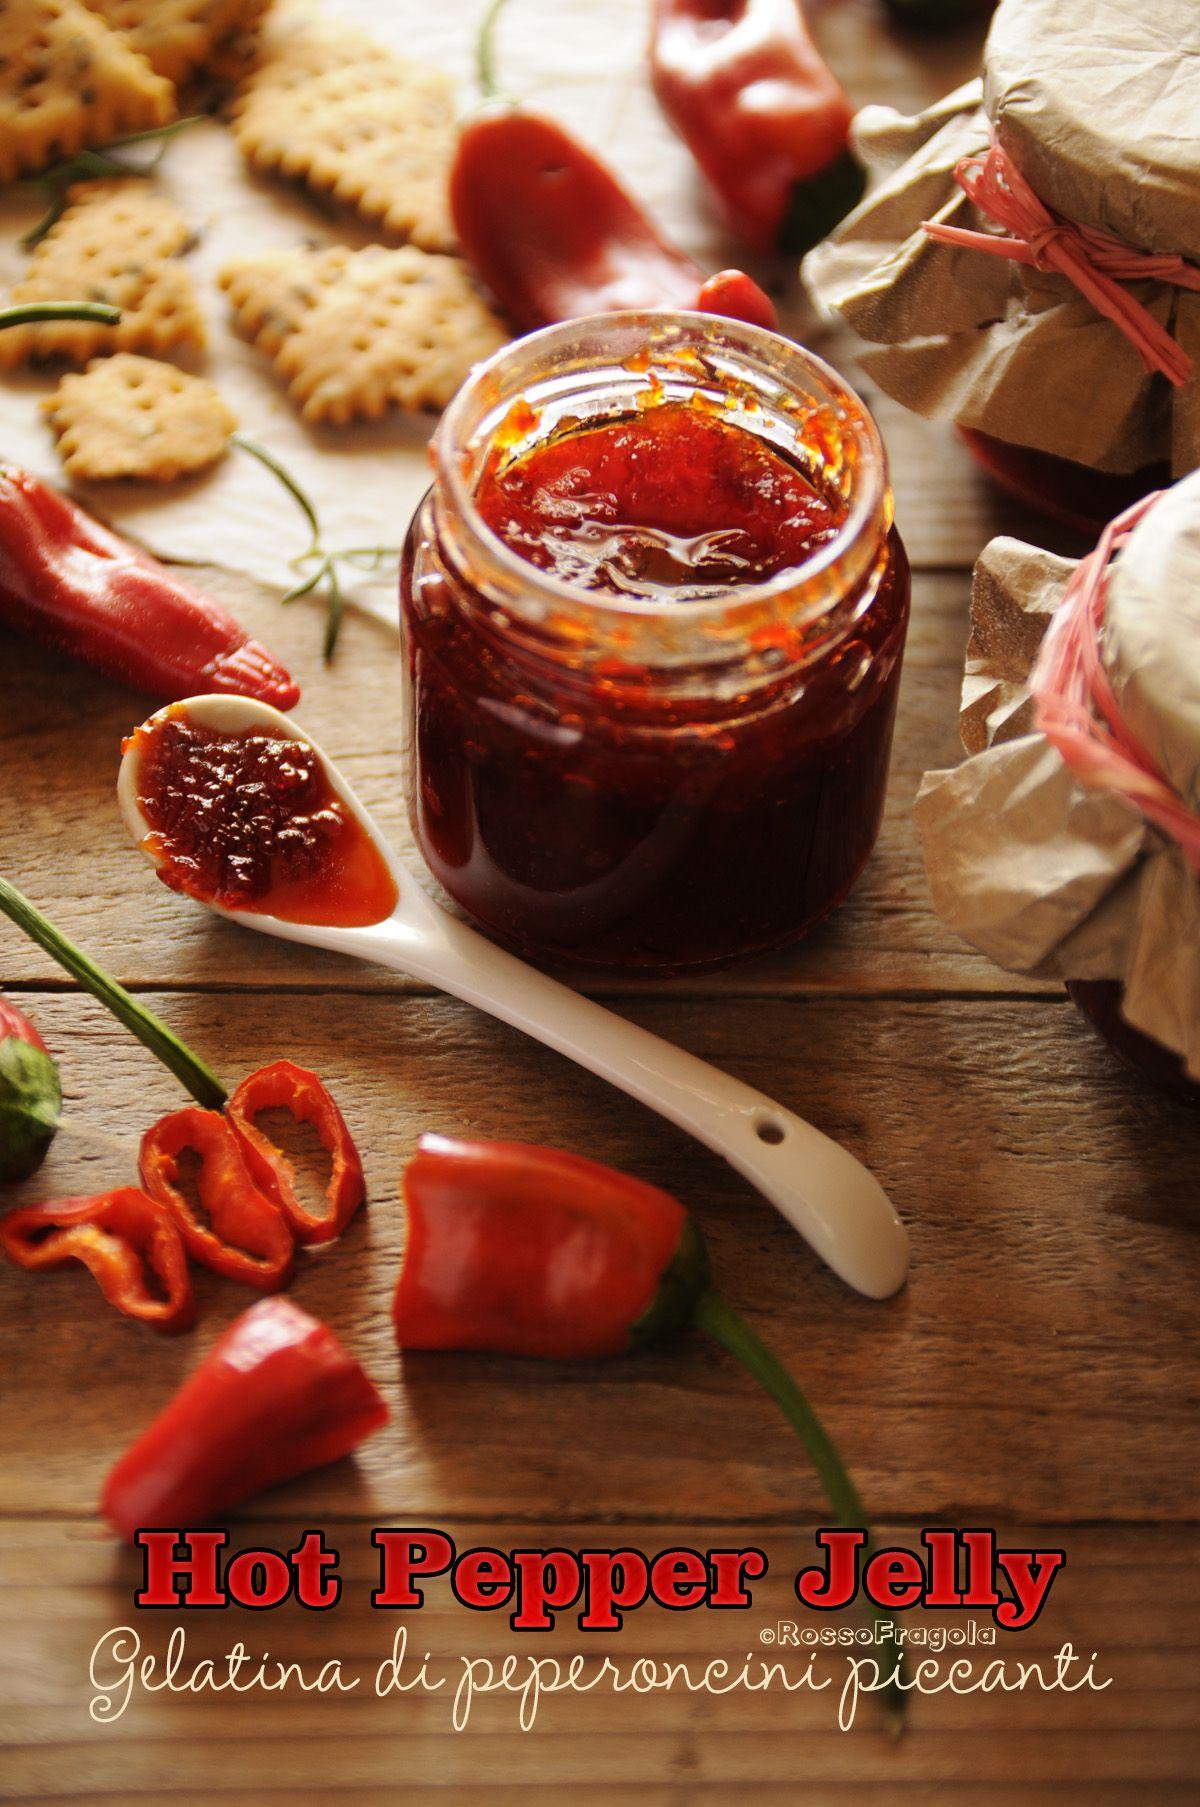 Gelatina Di Peperoncini Piccanti Hot Pepper Jelly Conserve